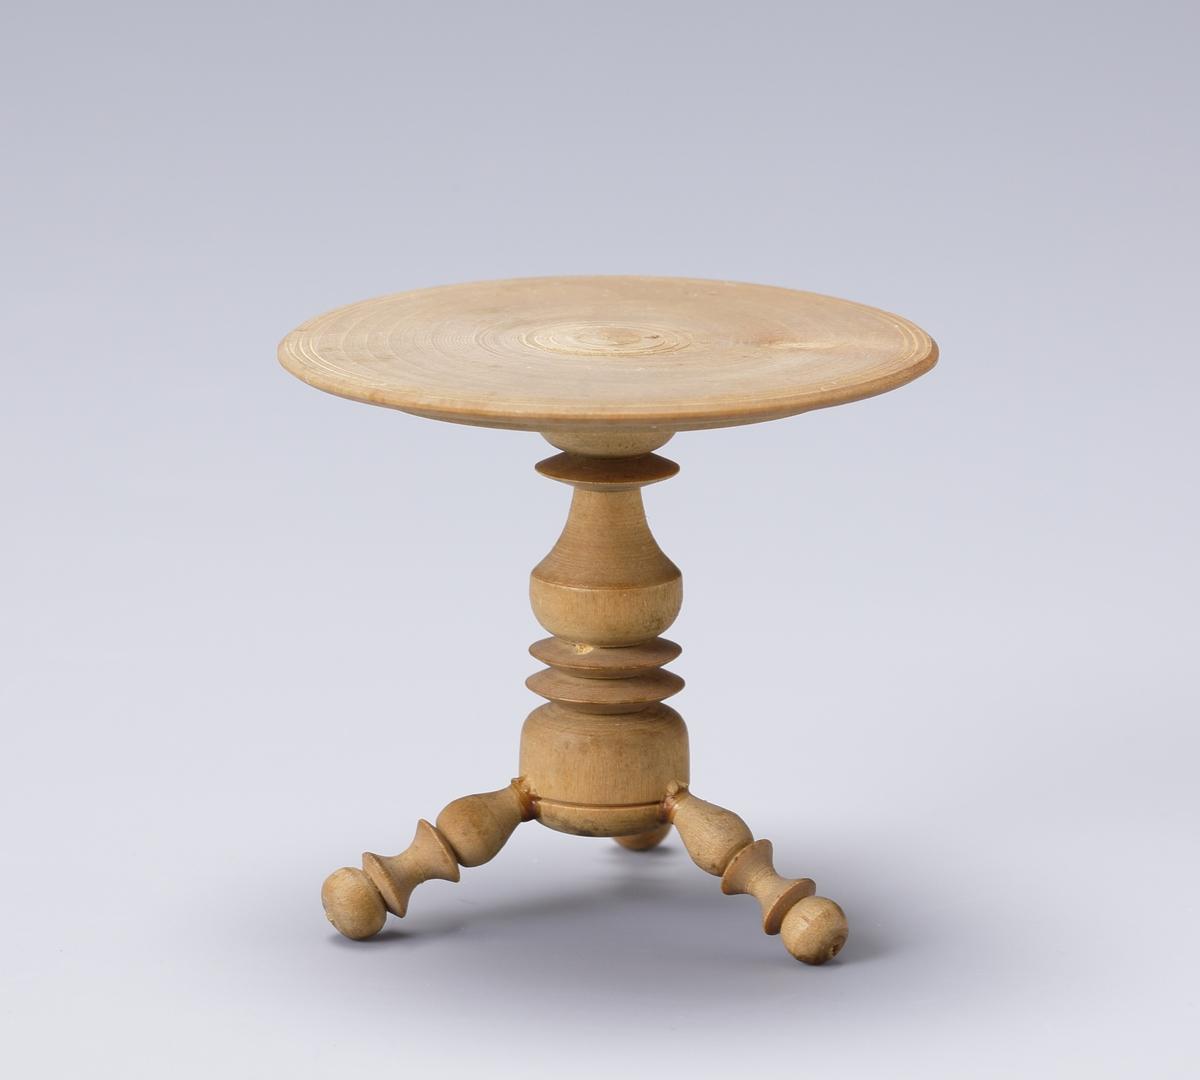 Dockskåpsmöblemang av furuträ: 5 stolar, 1 soffa och 1 bord, klädda med lila siden. Runt kanterna band och frans av blått bomullsgarn. Bordet svarvat.